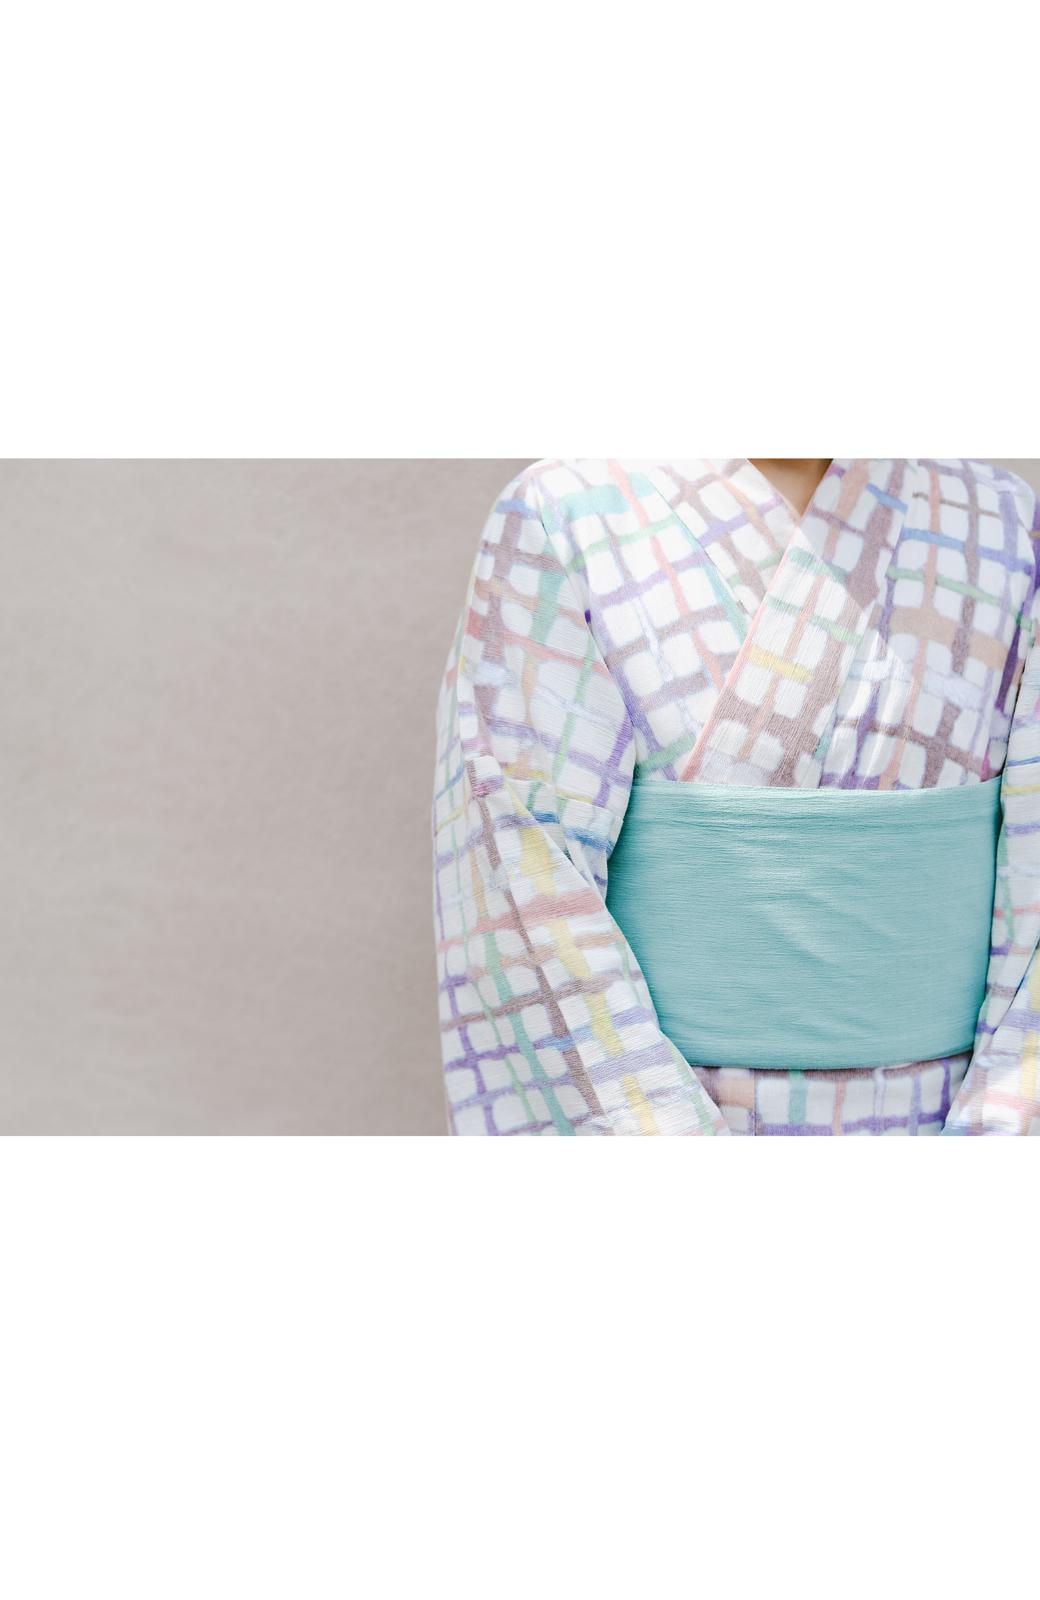 haco! ひでや工房 京都の半巾帯 小格子 <カラフル>の商品写真17